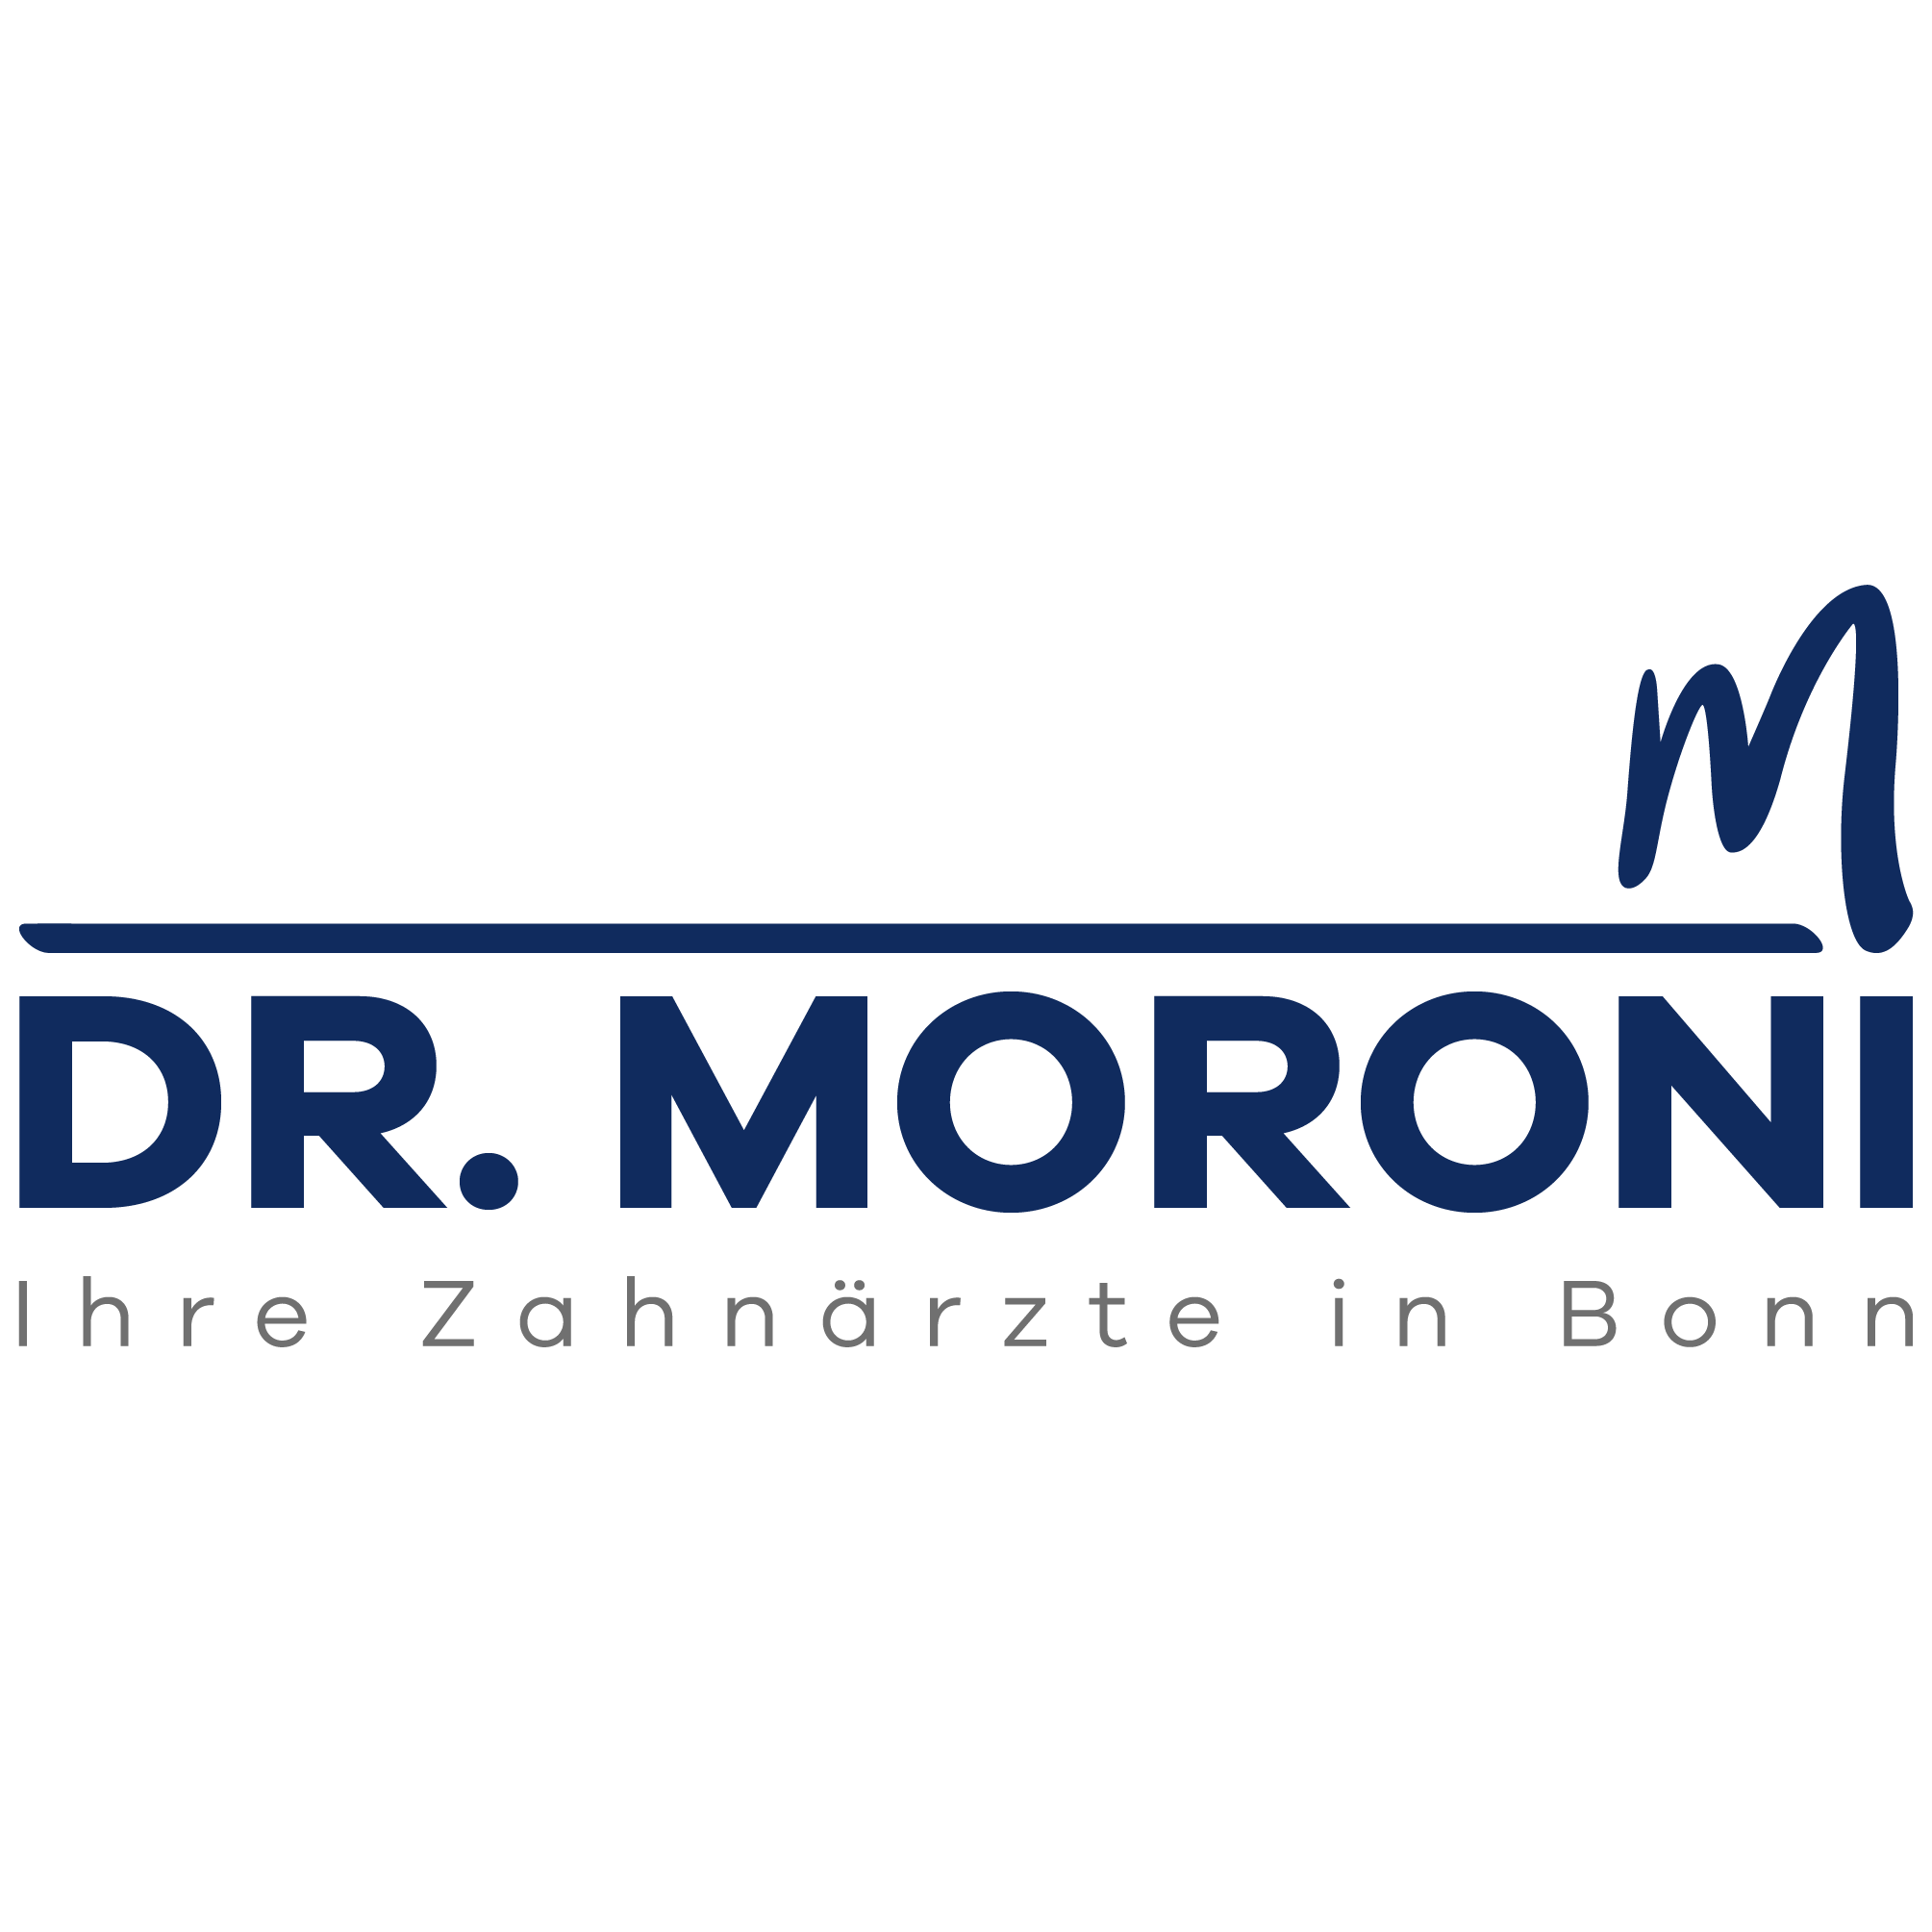 Bild zu Dr. Moroni - Ihre Zahnärzte in Bonn in Bonn